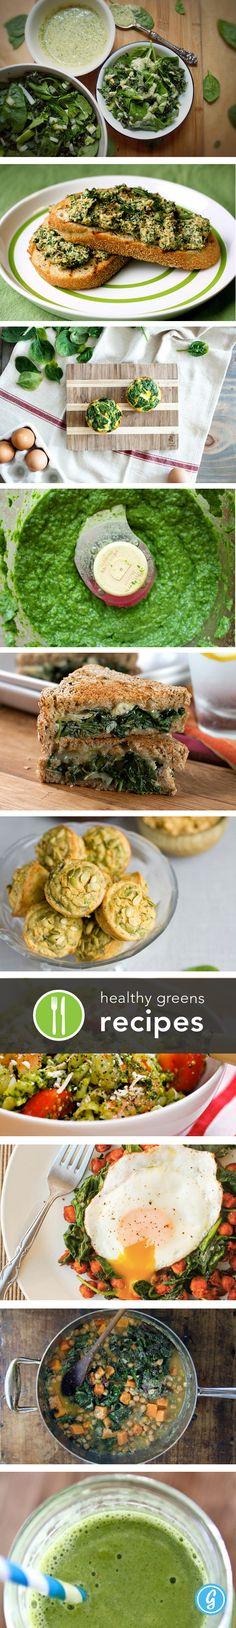 Healthy Greens Recipes